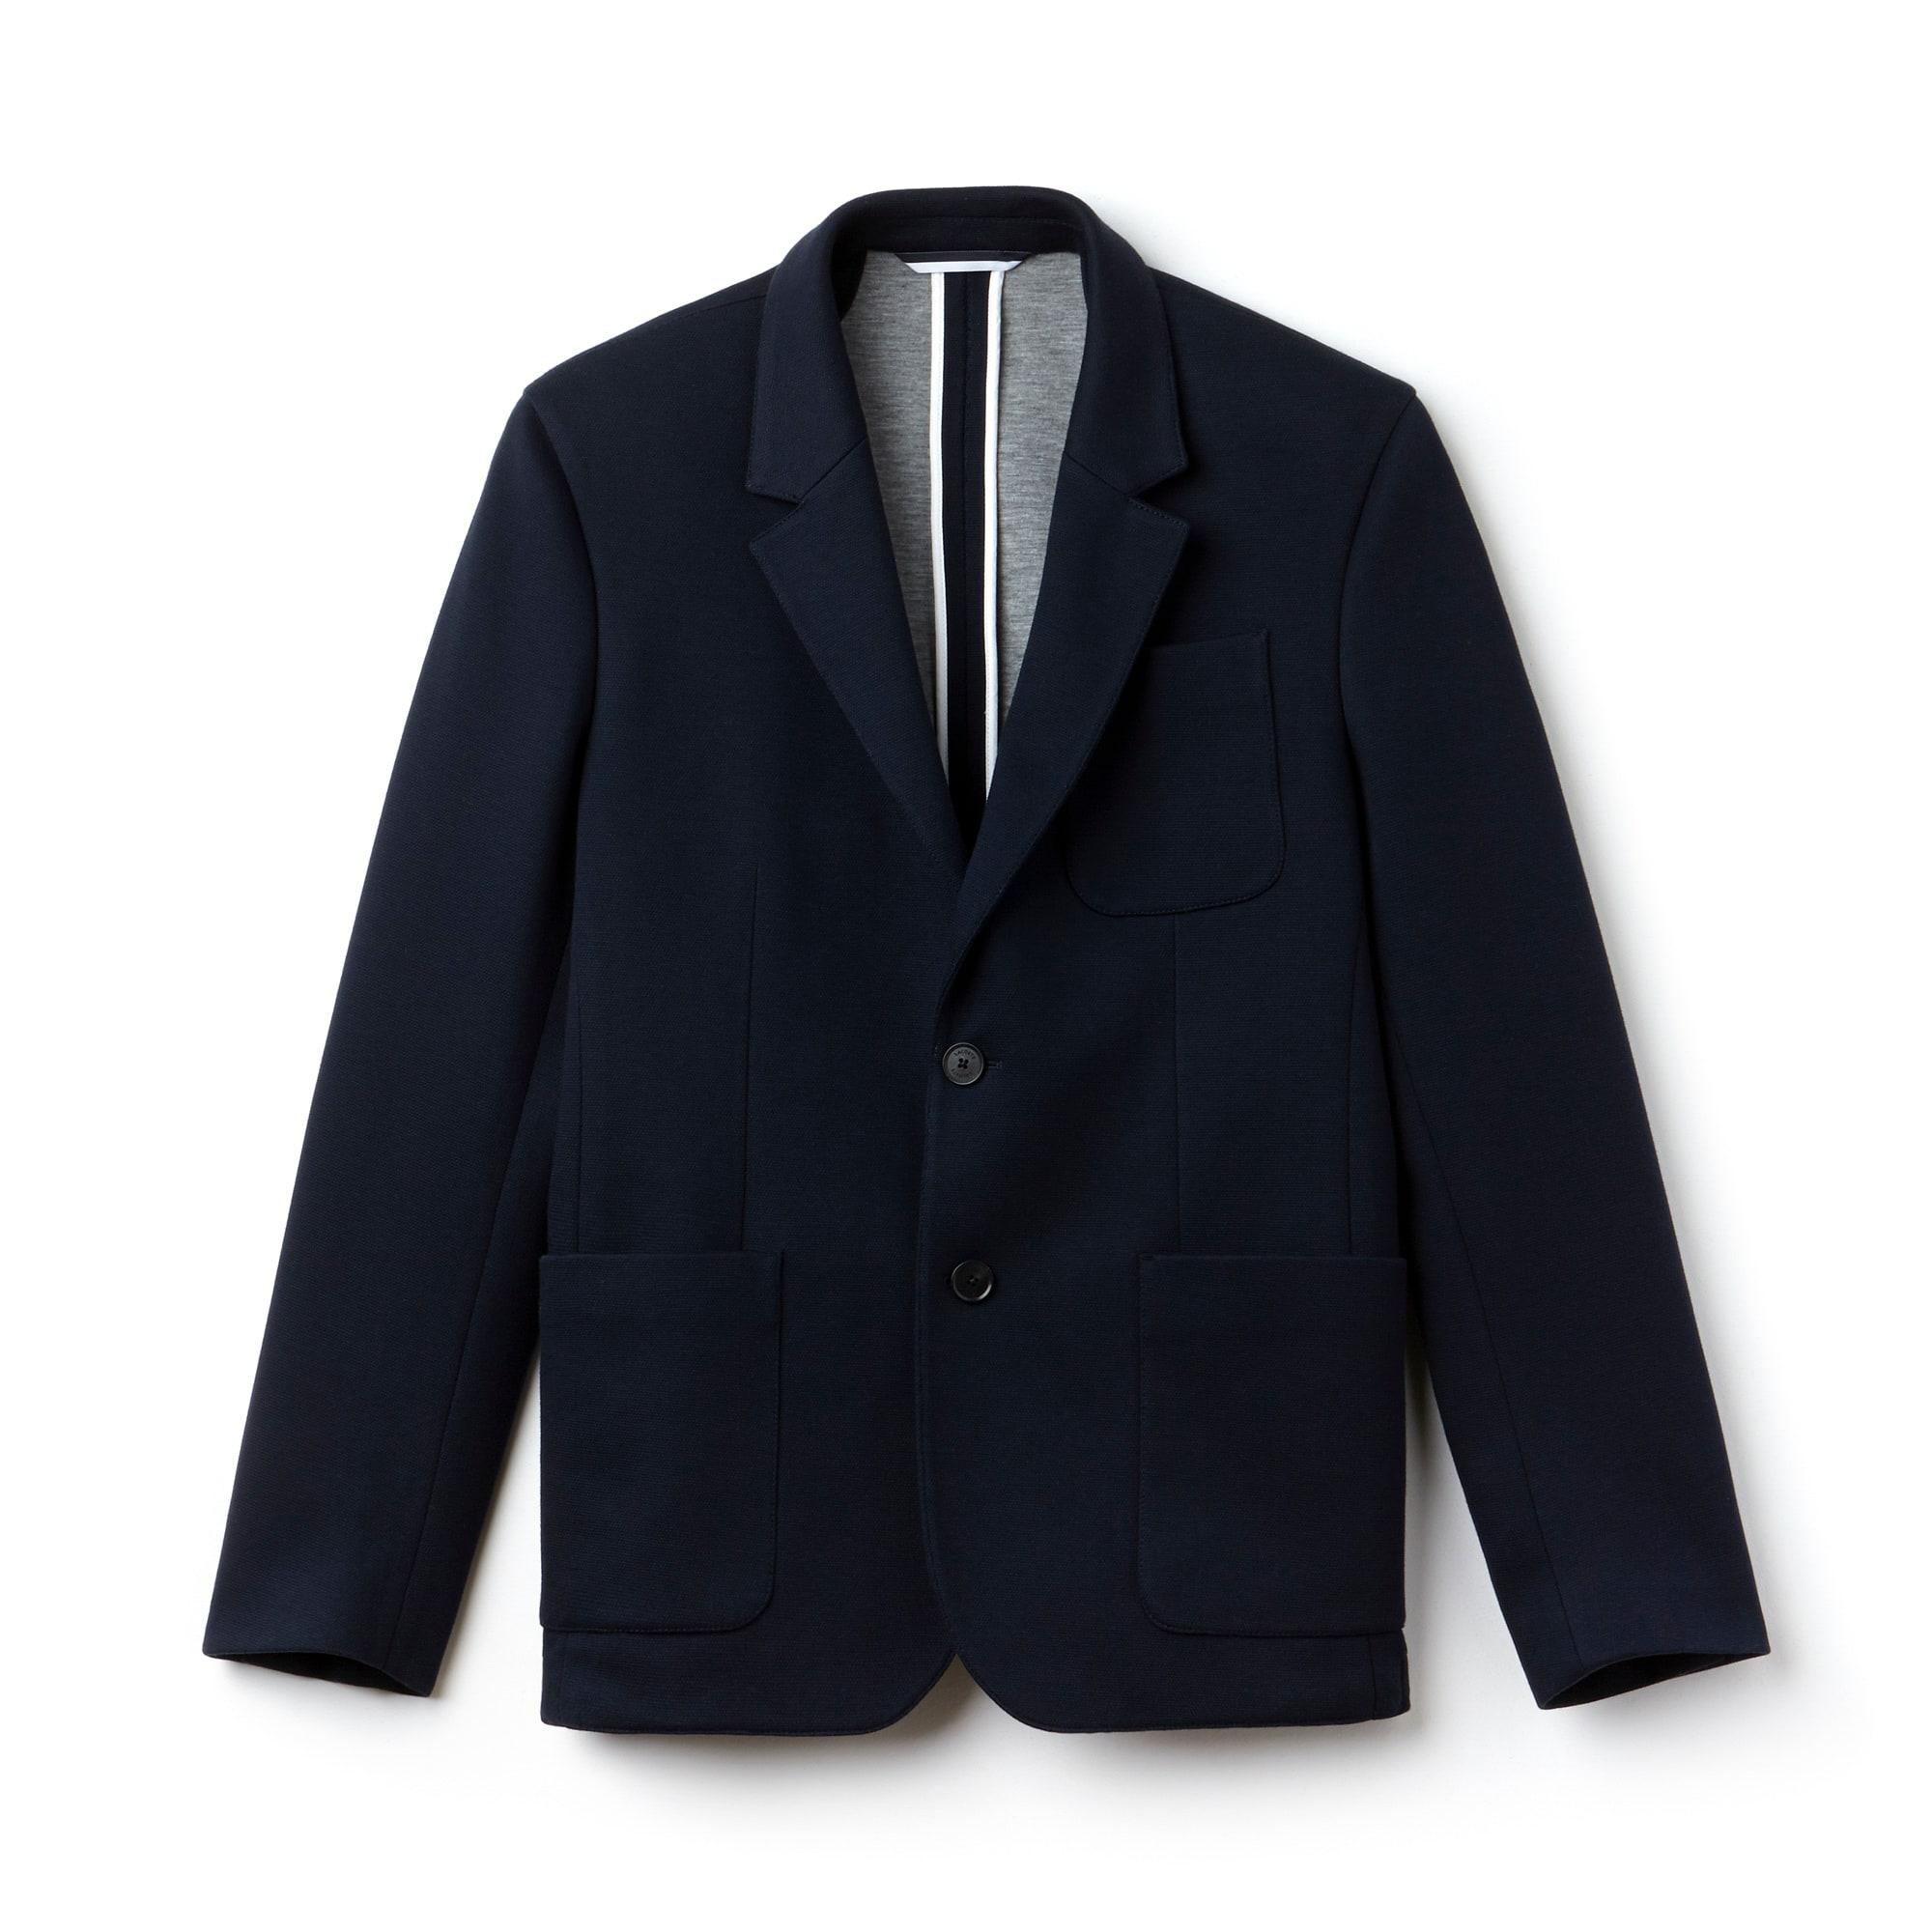 라코스테 코튼 피케 자켓 (레귤러 핏) Lacoste Mens Regular Fit Cotton Pique Jacket,Navy Blue